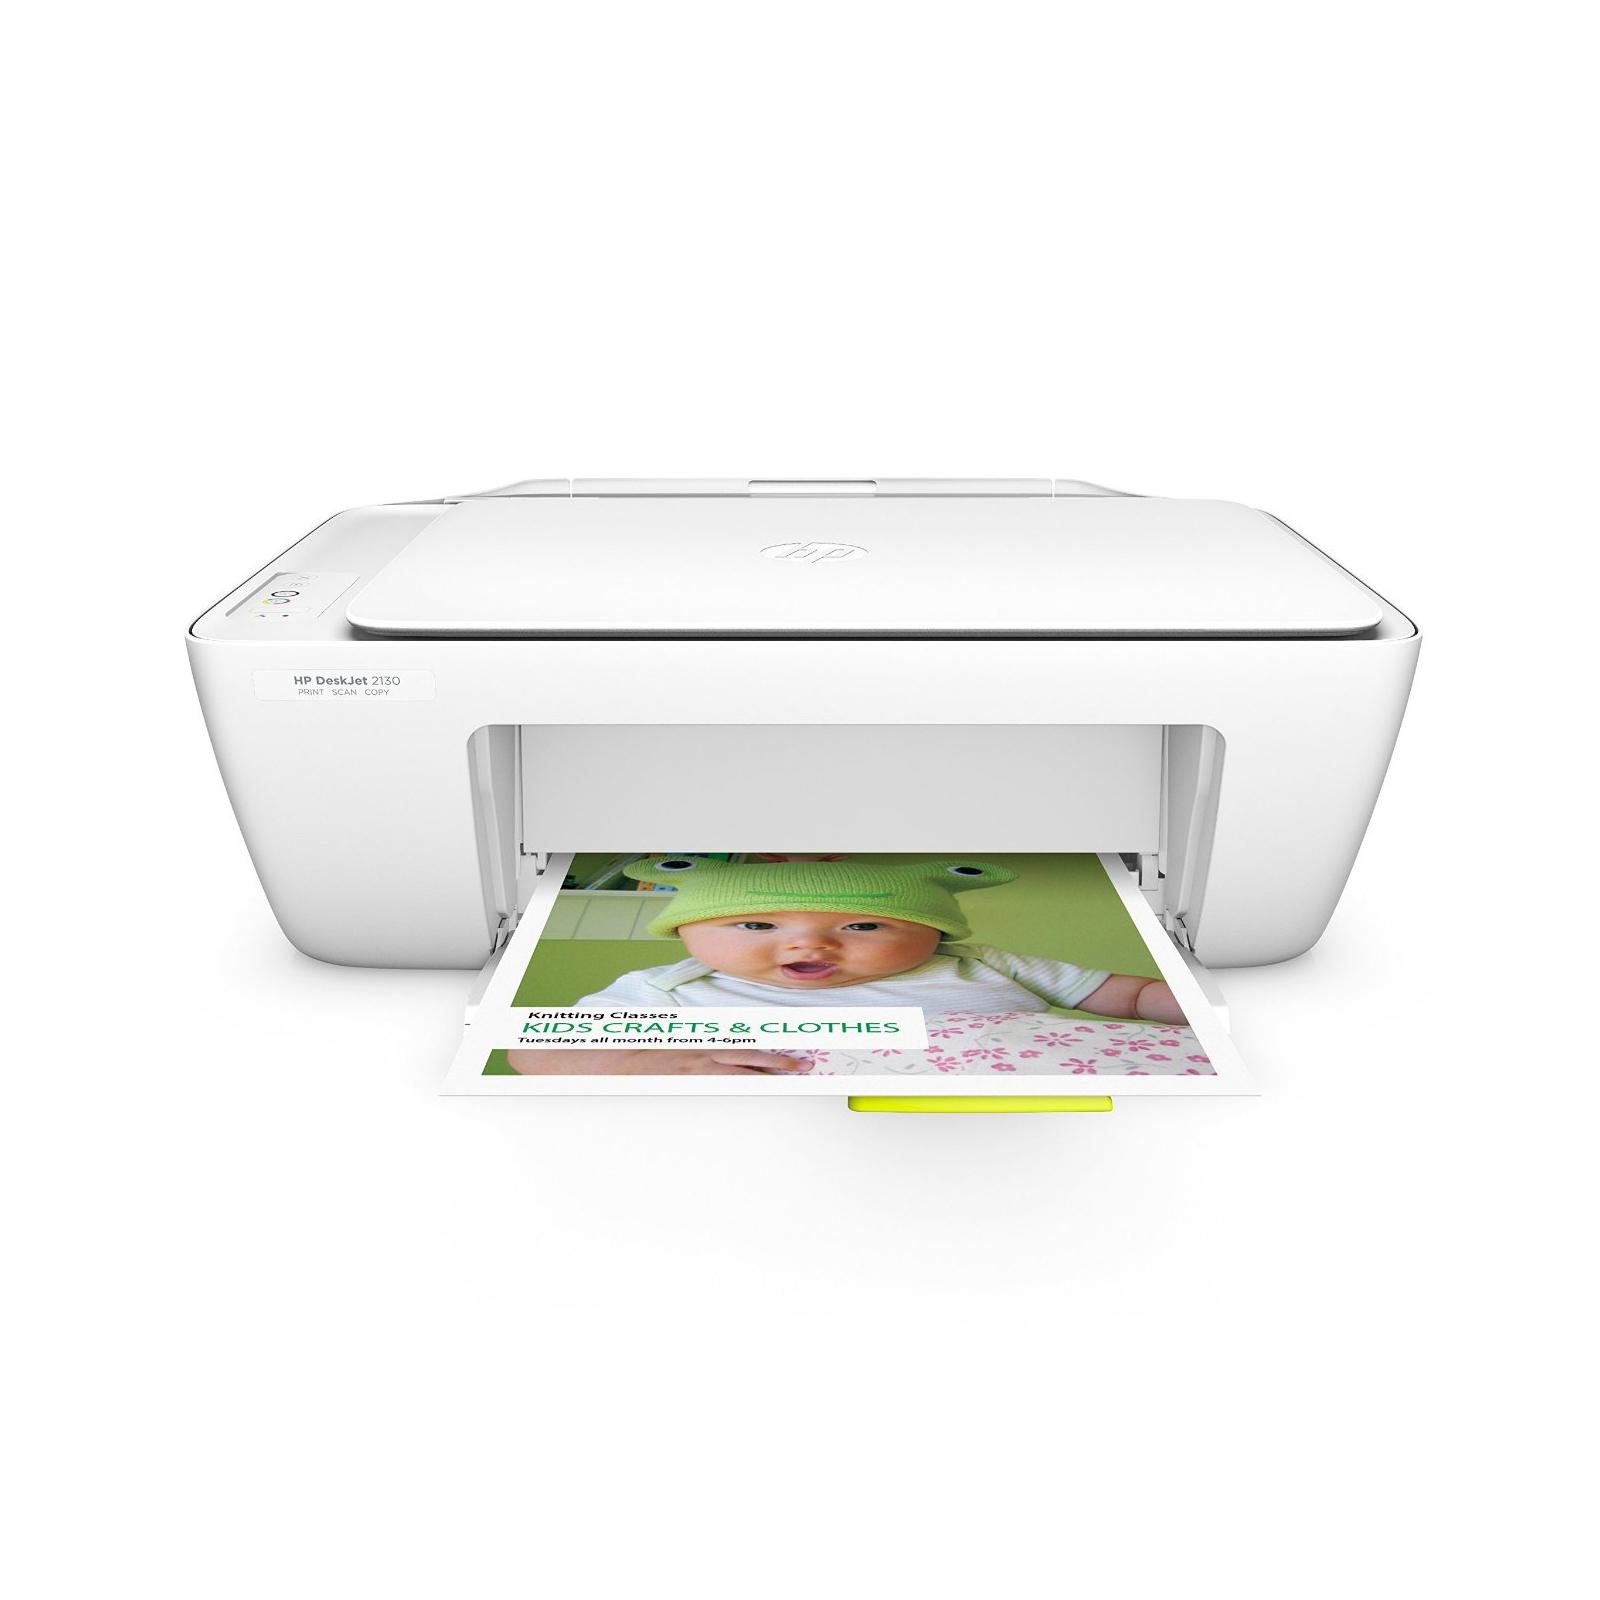 Deskjet 9650, PSC 2410 и PSC 2510 новые принтеры HP 16